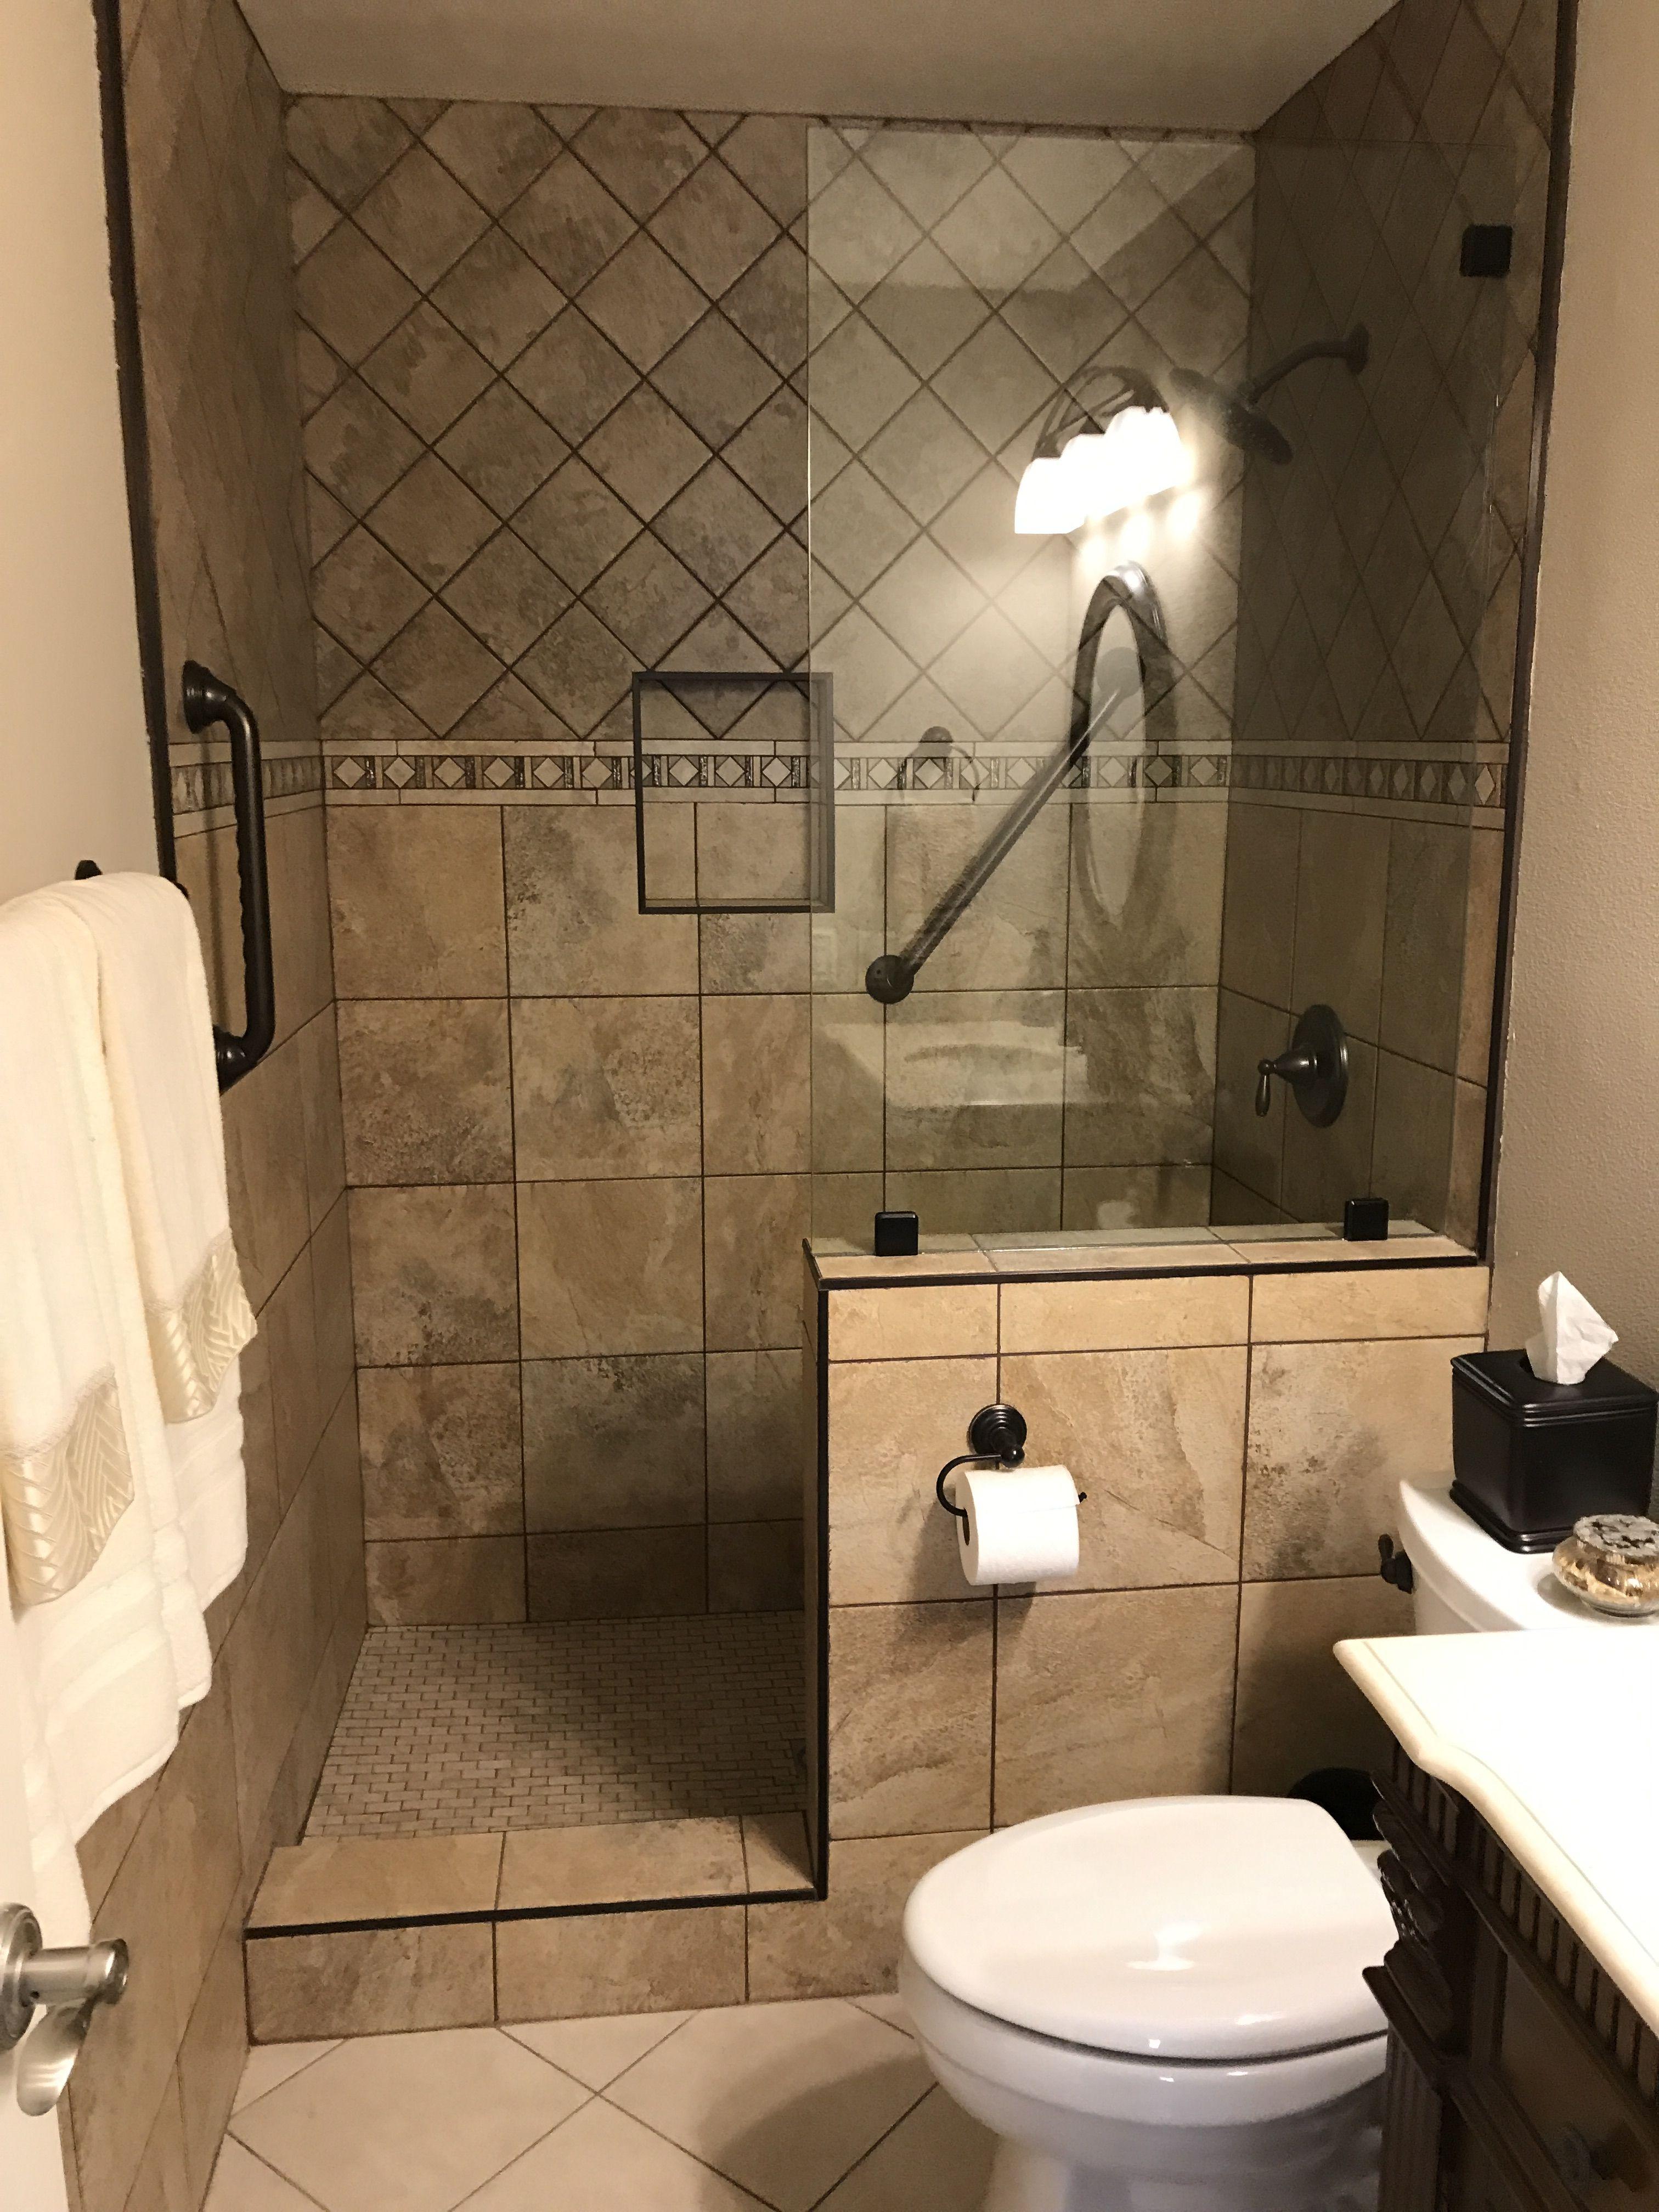 Pin De Robert Knitl Em Guest Bathrooms Ideias Para Casas De Banho Banheiros Modernos Banheiros Minusculos